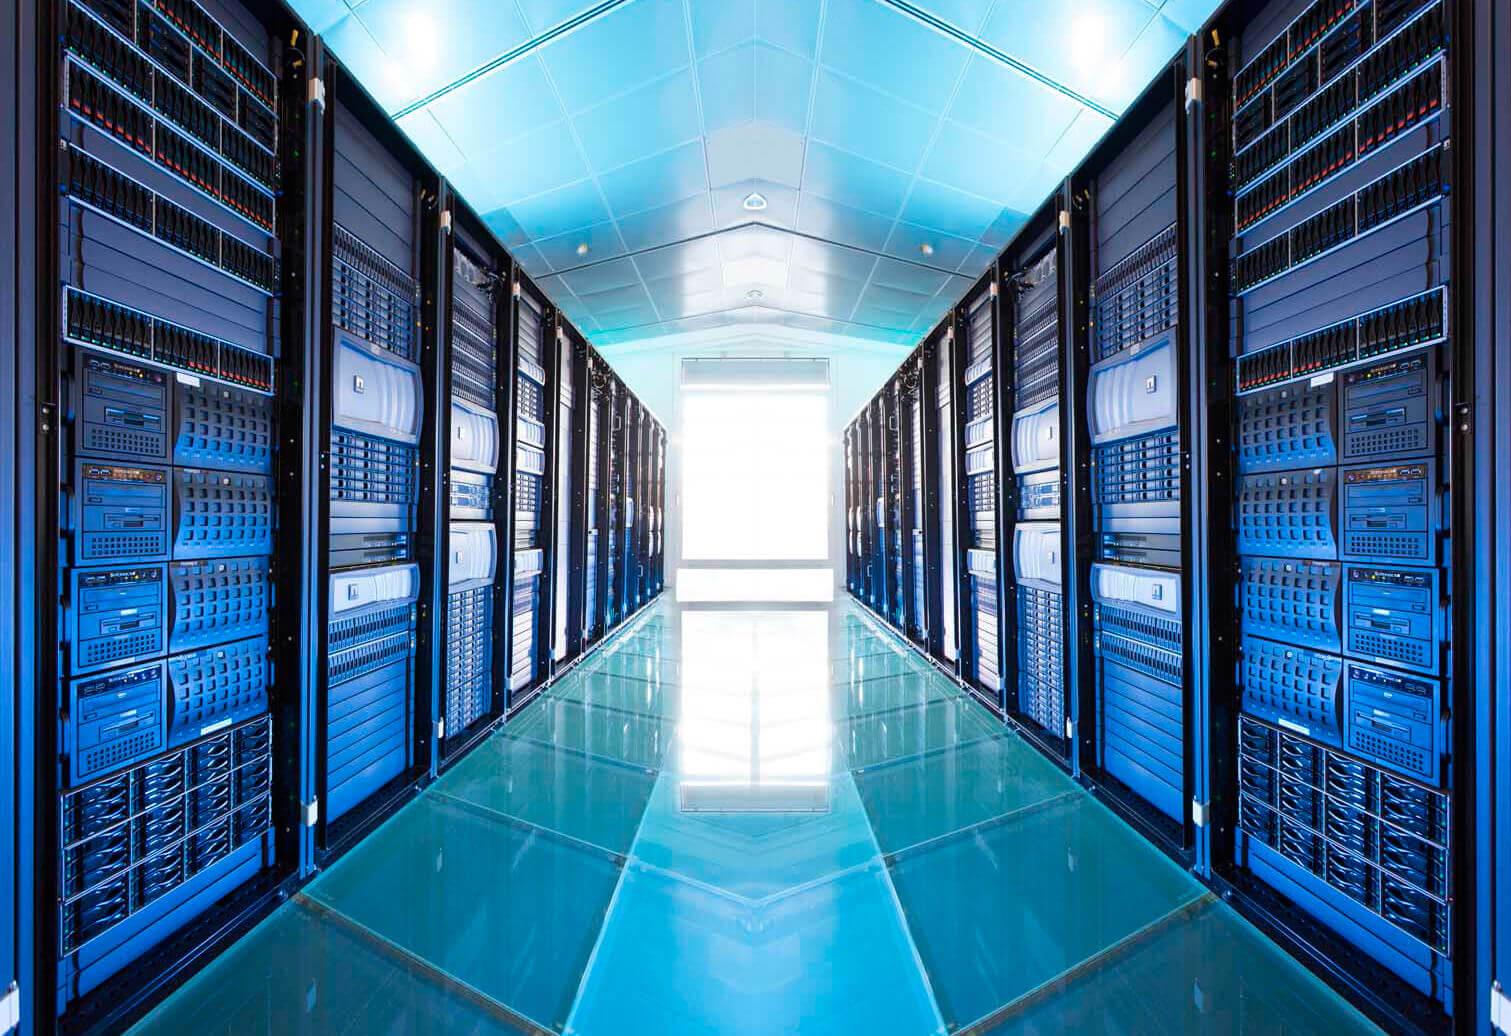 Serverraum_1138x780.jpg